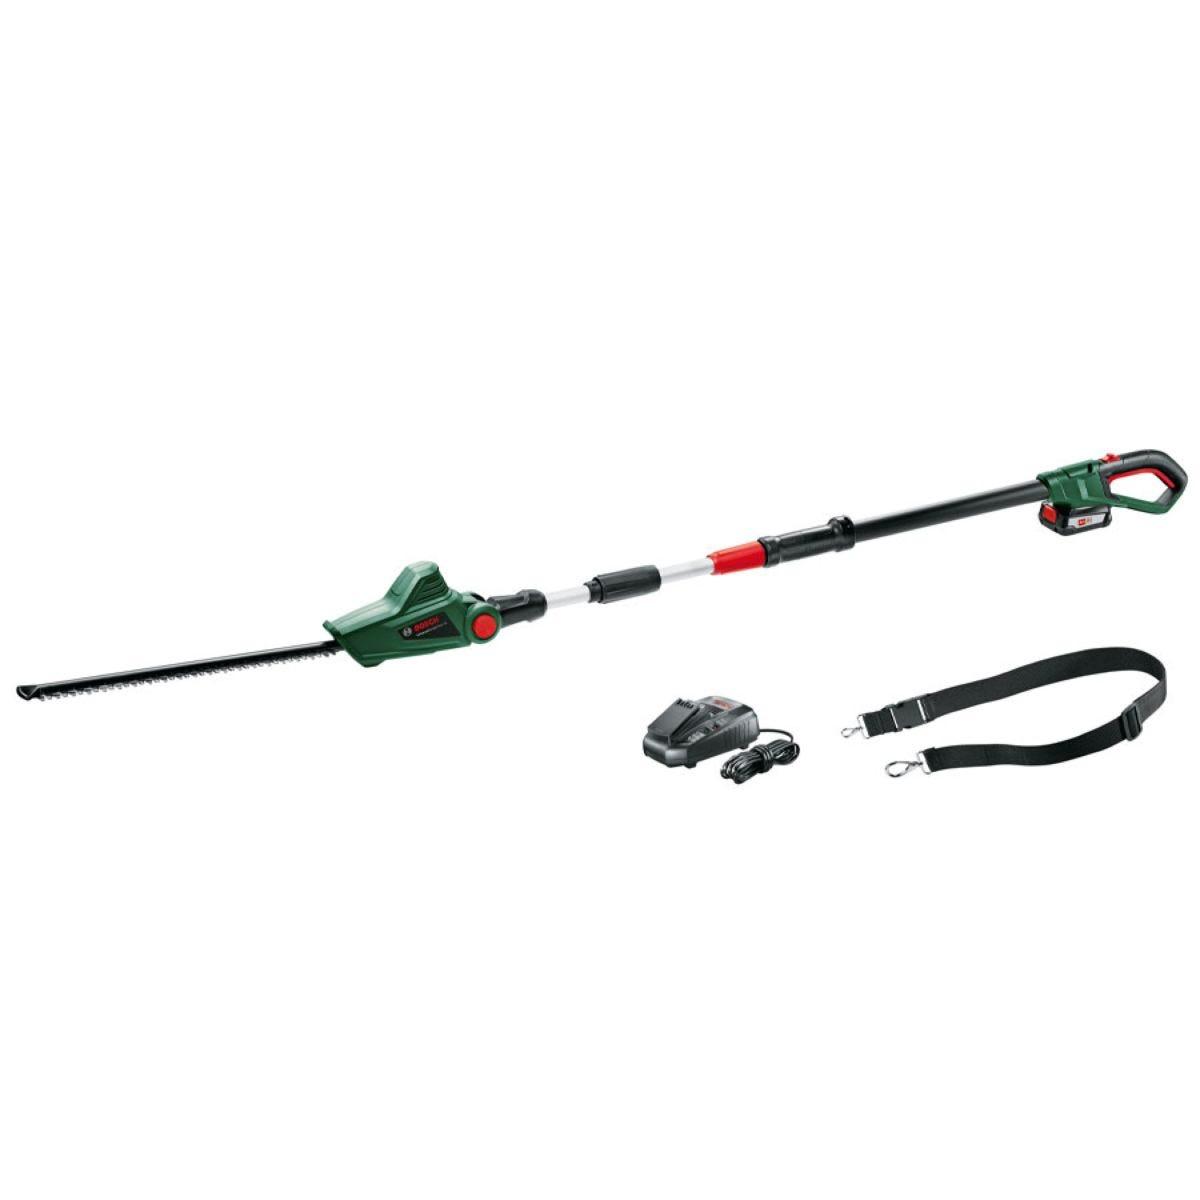 Bosch Universal Cordless Long Reach Hedge Cutter